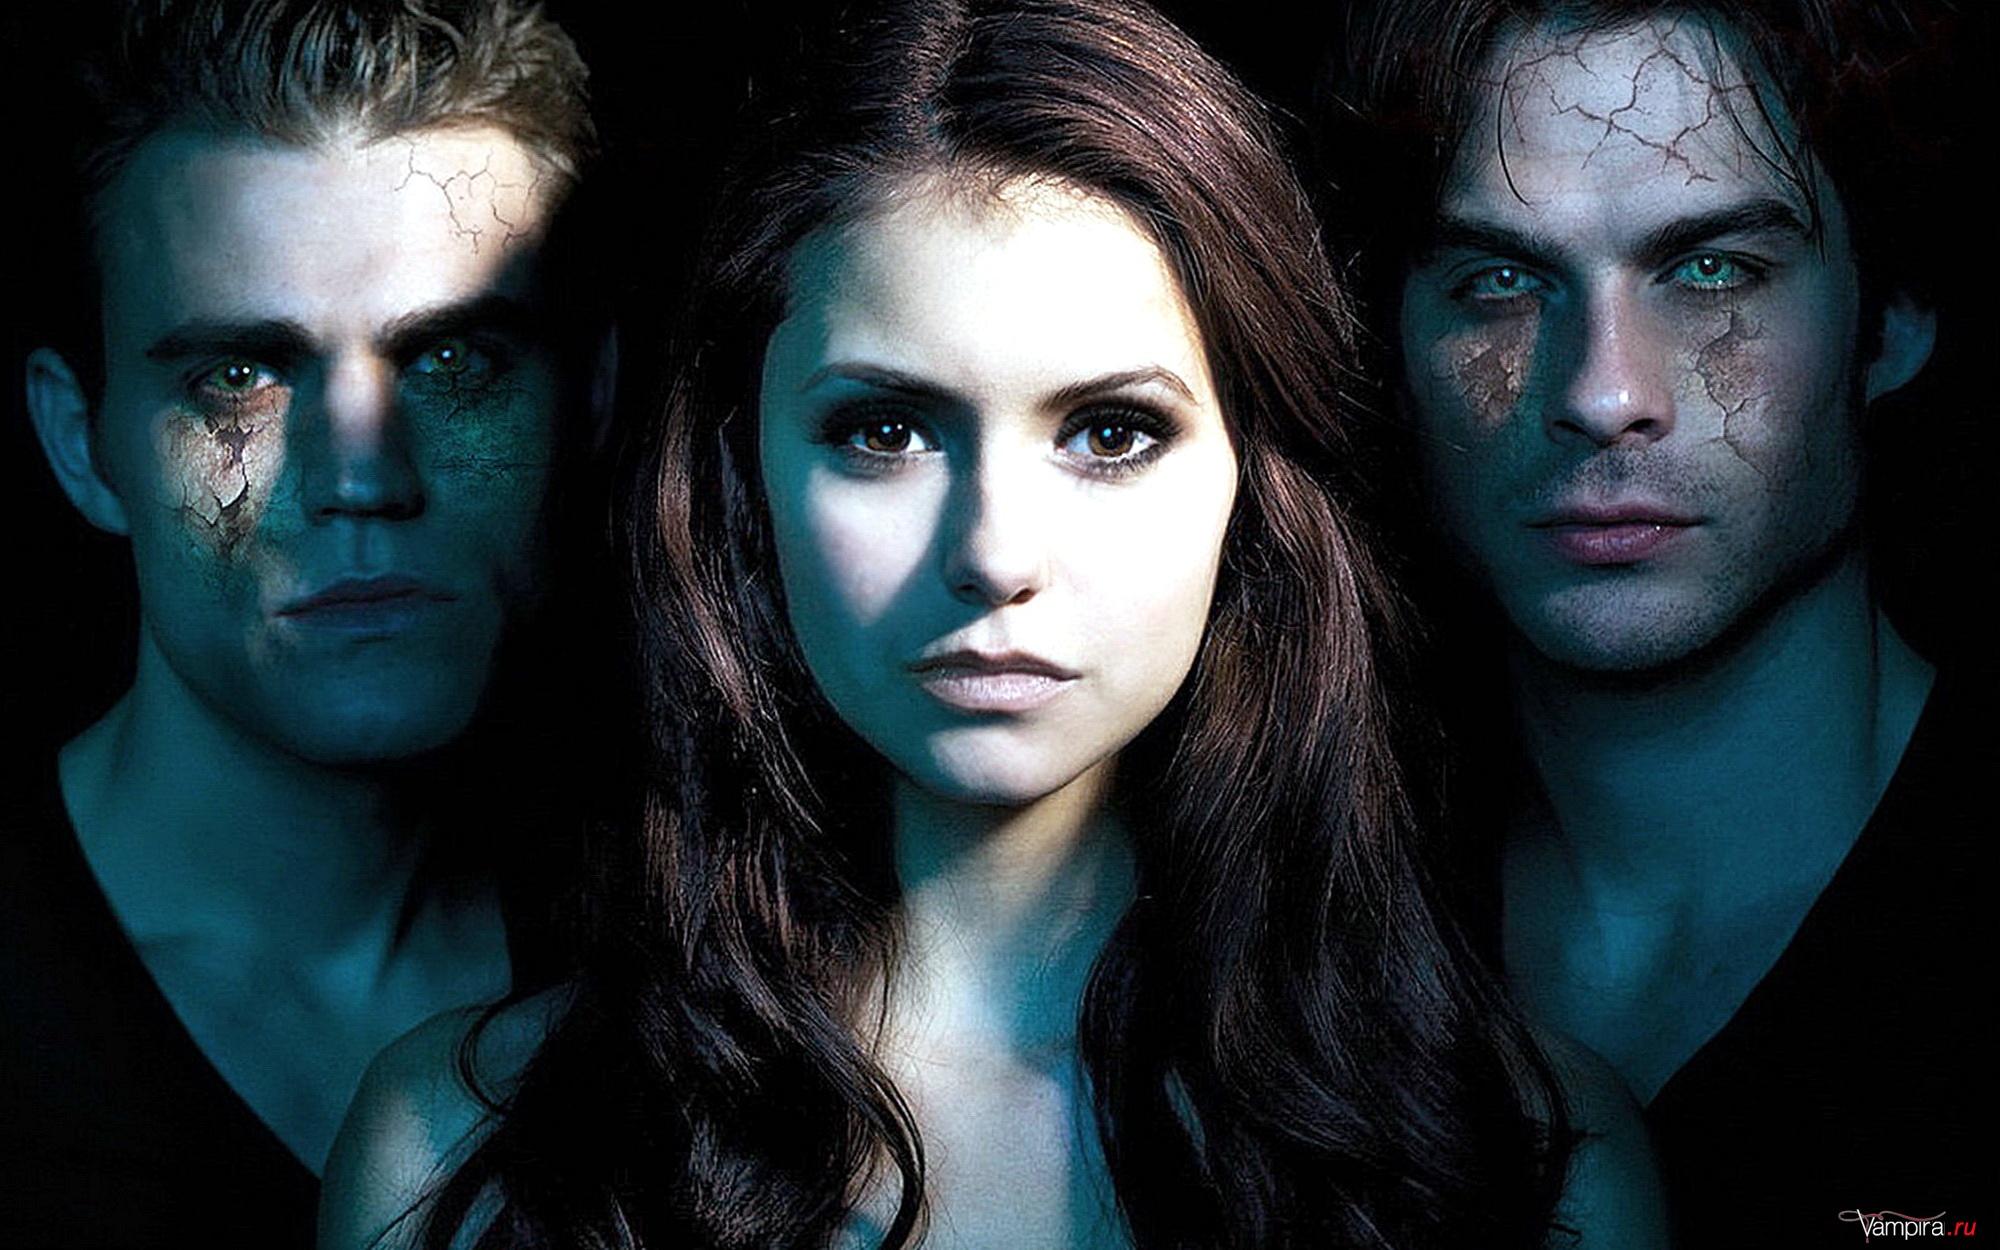 Онлайн дневники хорошем вампира 9 в сезон качестве